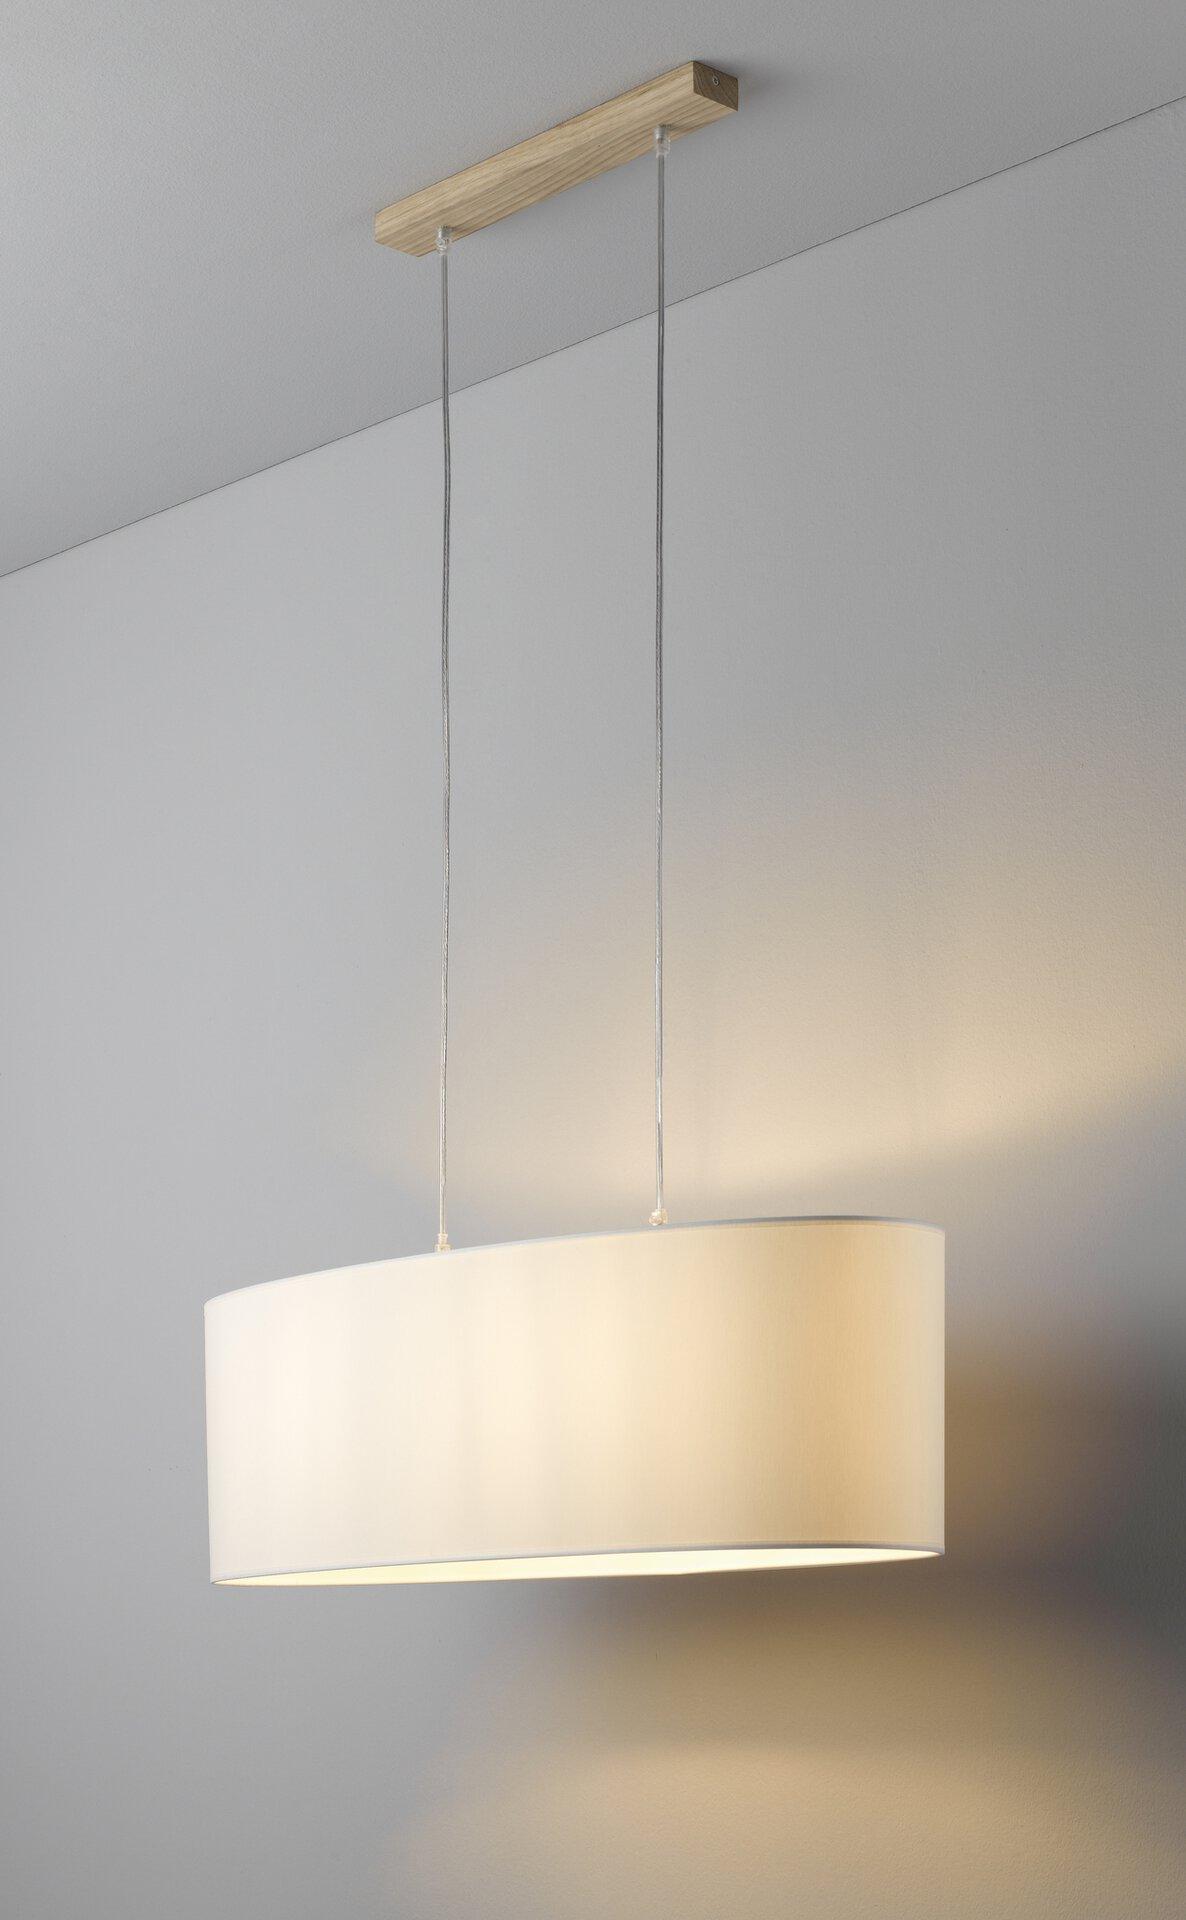 Hängeleuchte MALGO MONDO Textil weiß 30 x 110 x 75 cm